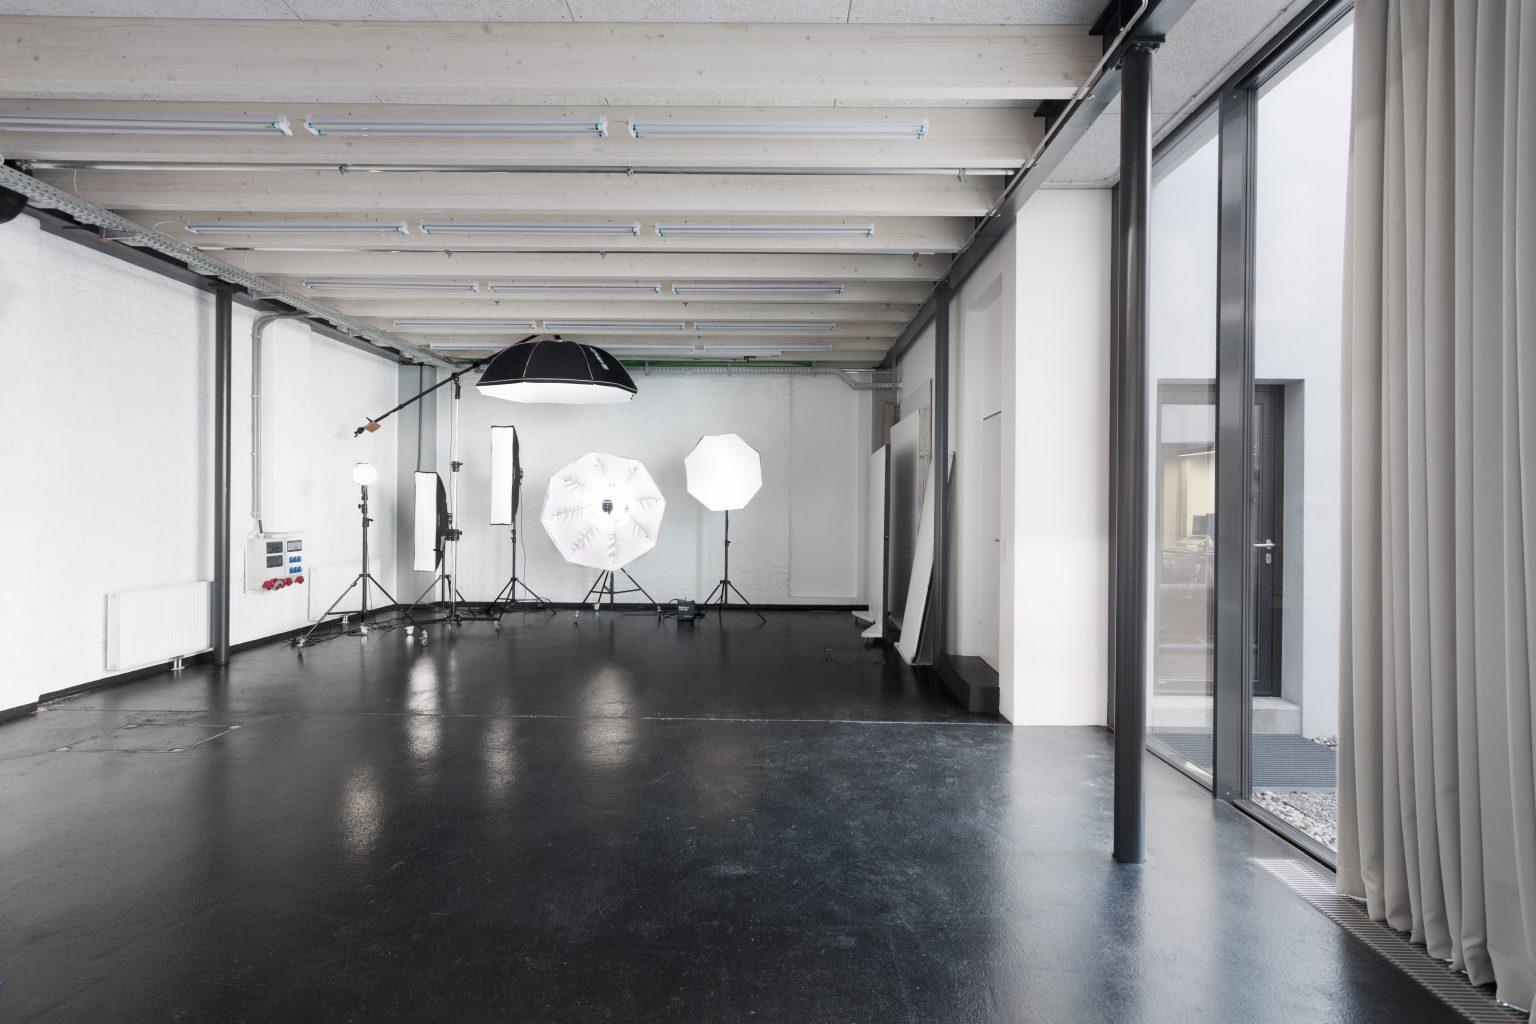 Studio Totale in Wien mit Grünblick für Fotoshootings und Filmdrehs